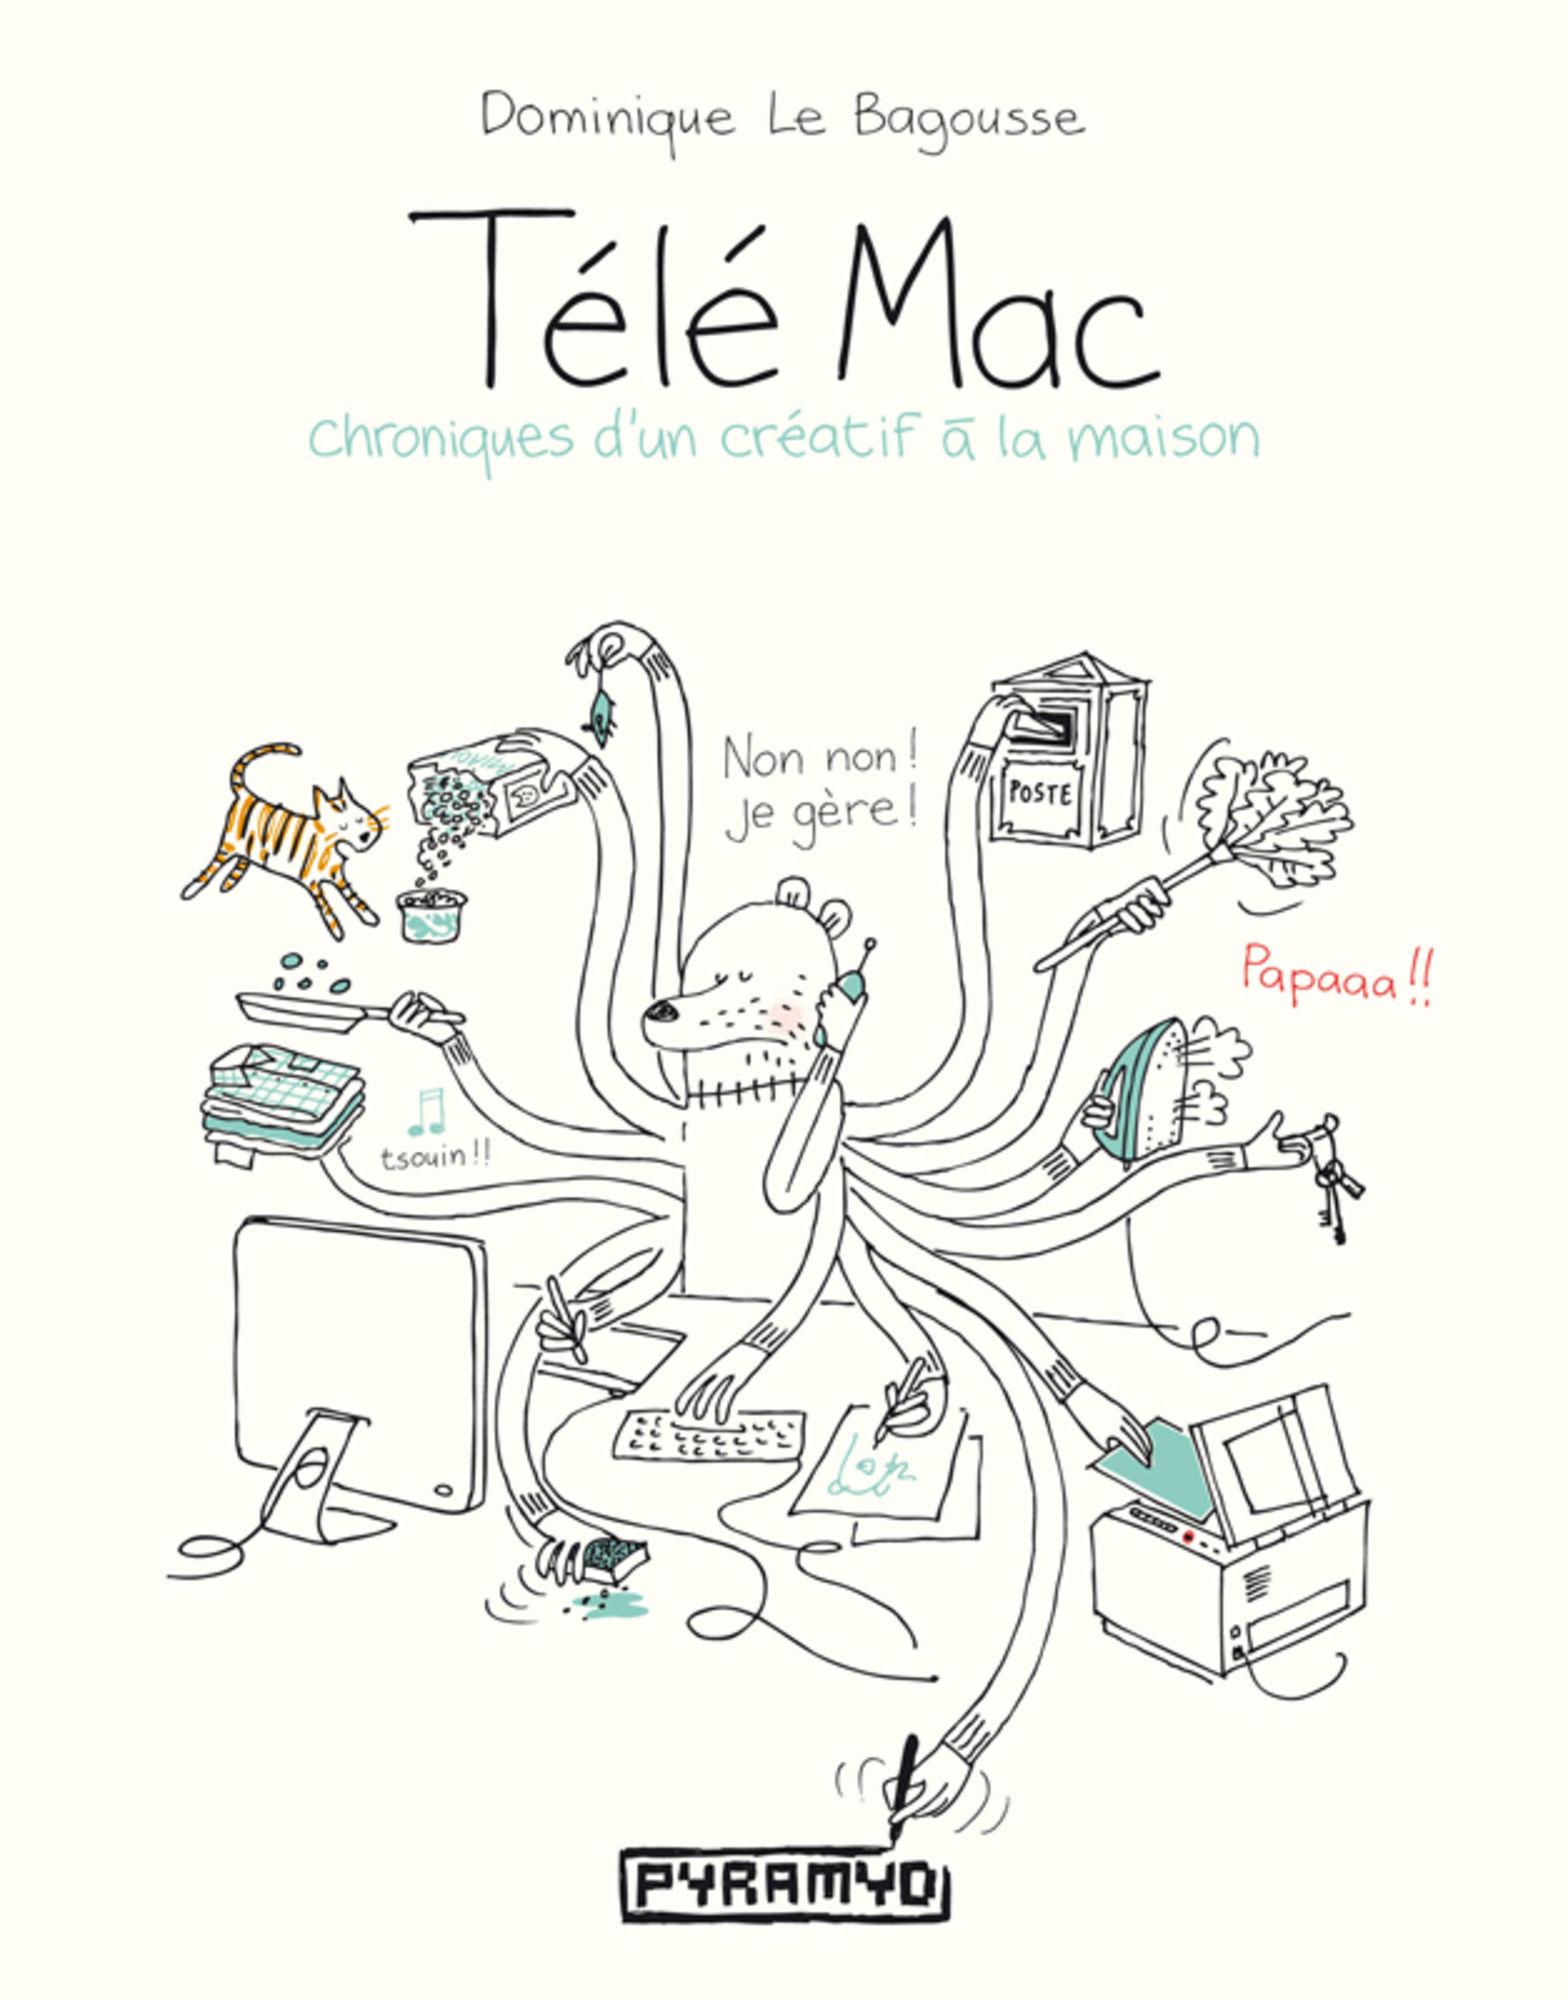 tele-mac-creatif-a-la-maison-dominique-le-bagousse-couverture